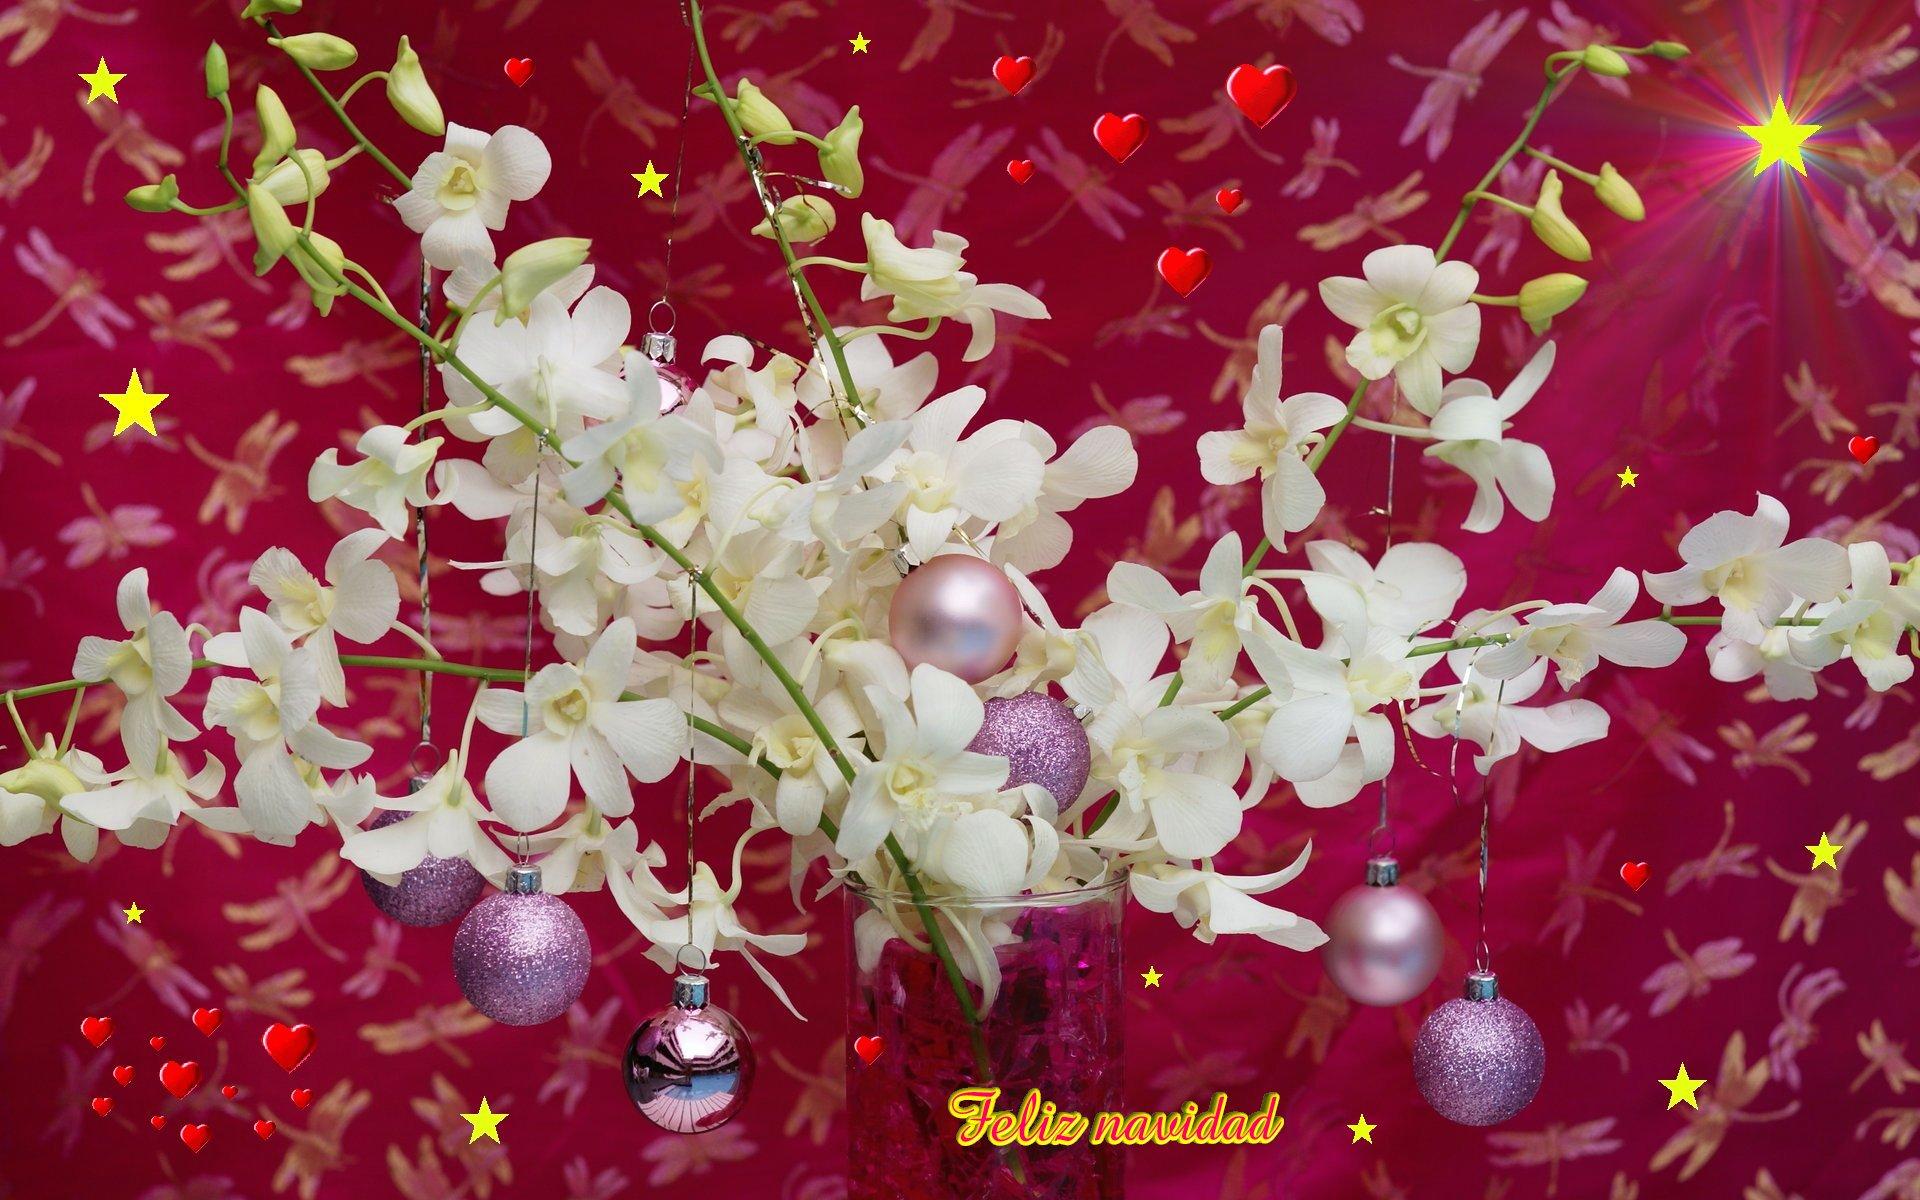 Fondos hd bolitas en flores 1920x1200 fondo de pantalla - Imagenes flores de navidad ...